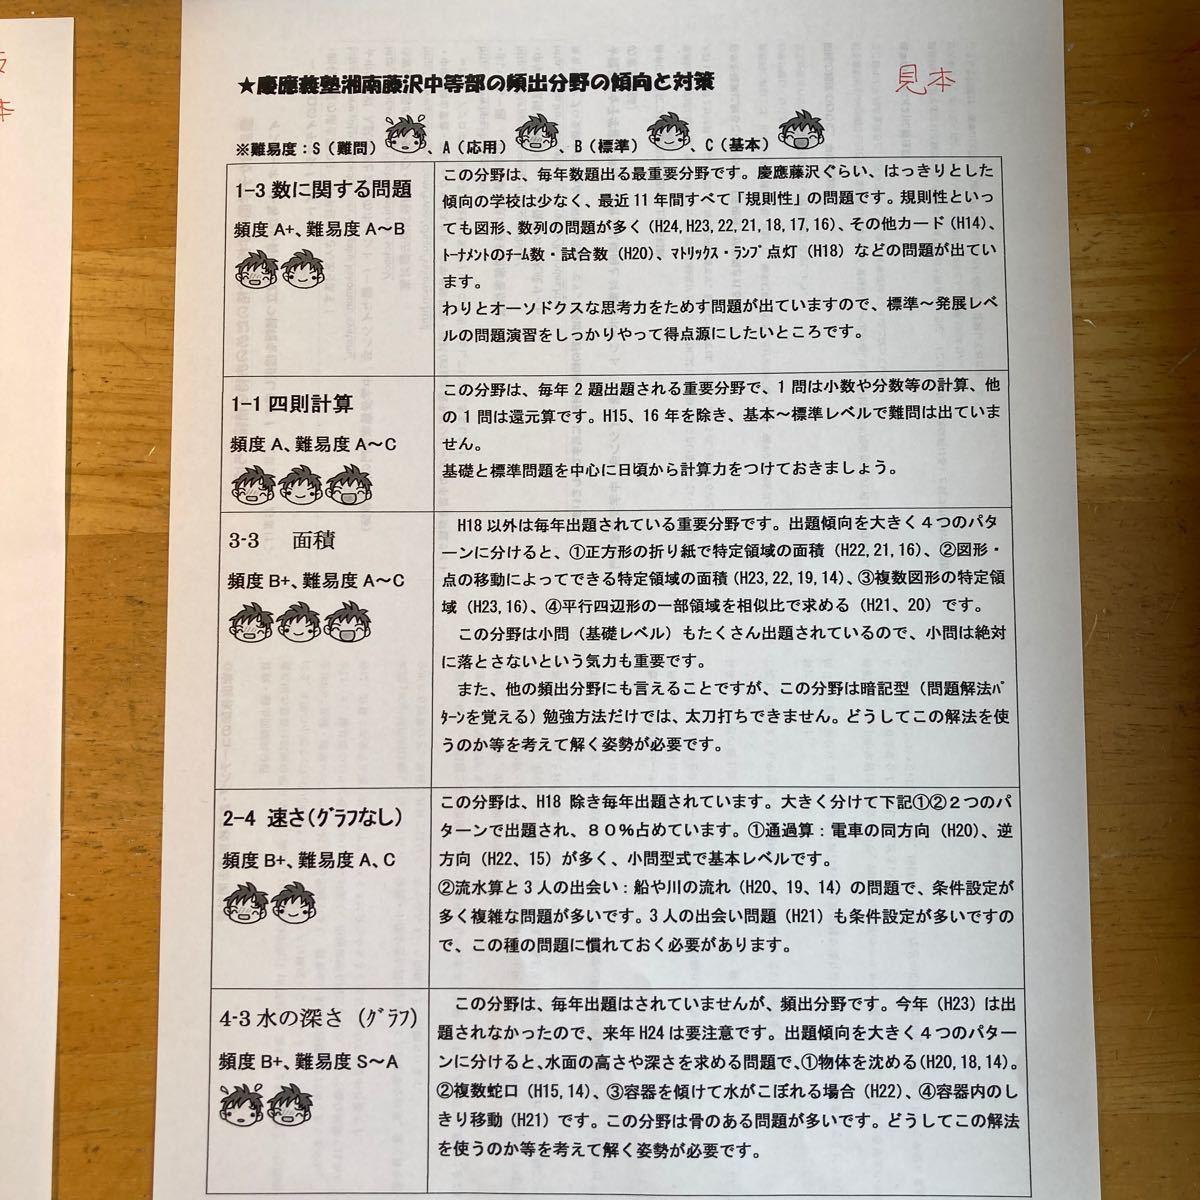 中学受験 2022年 学校別 対策・合格への算数プリント